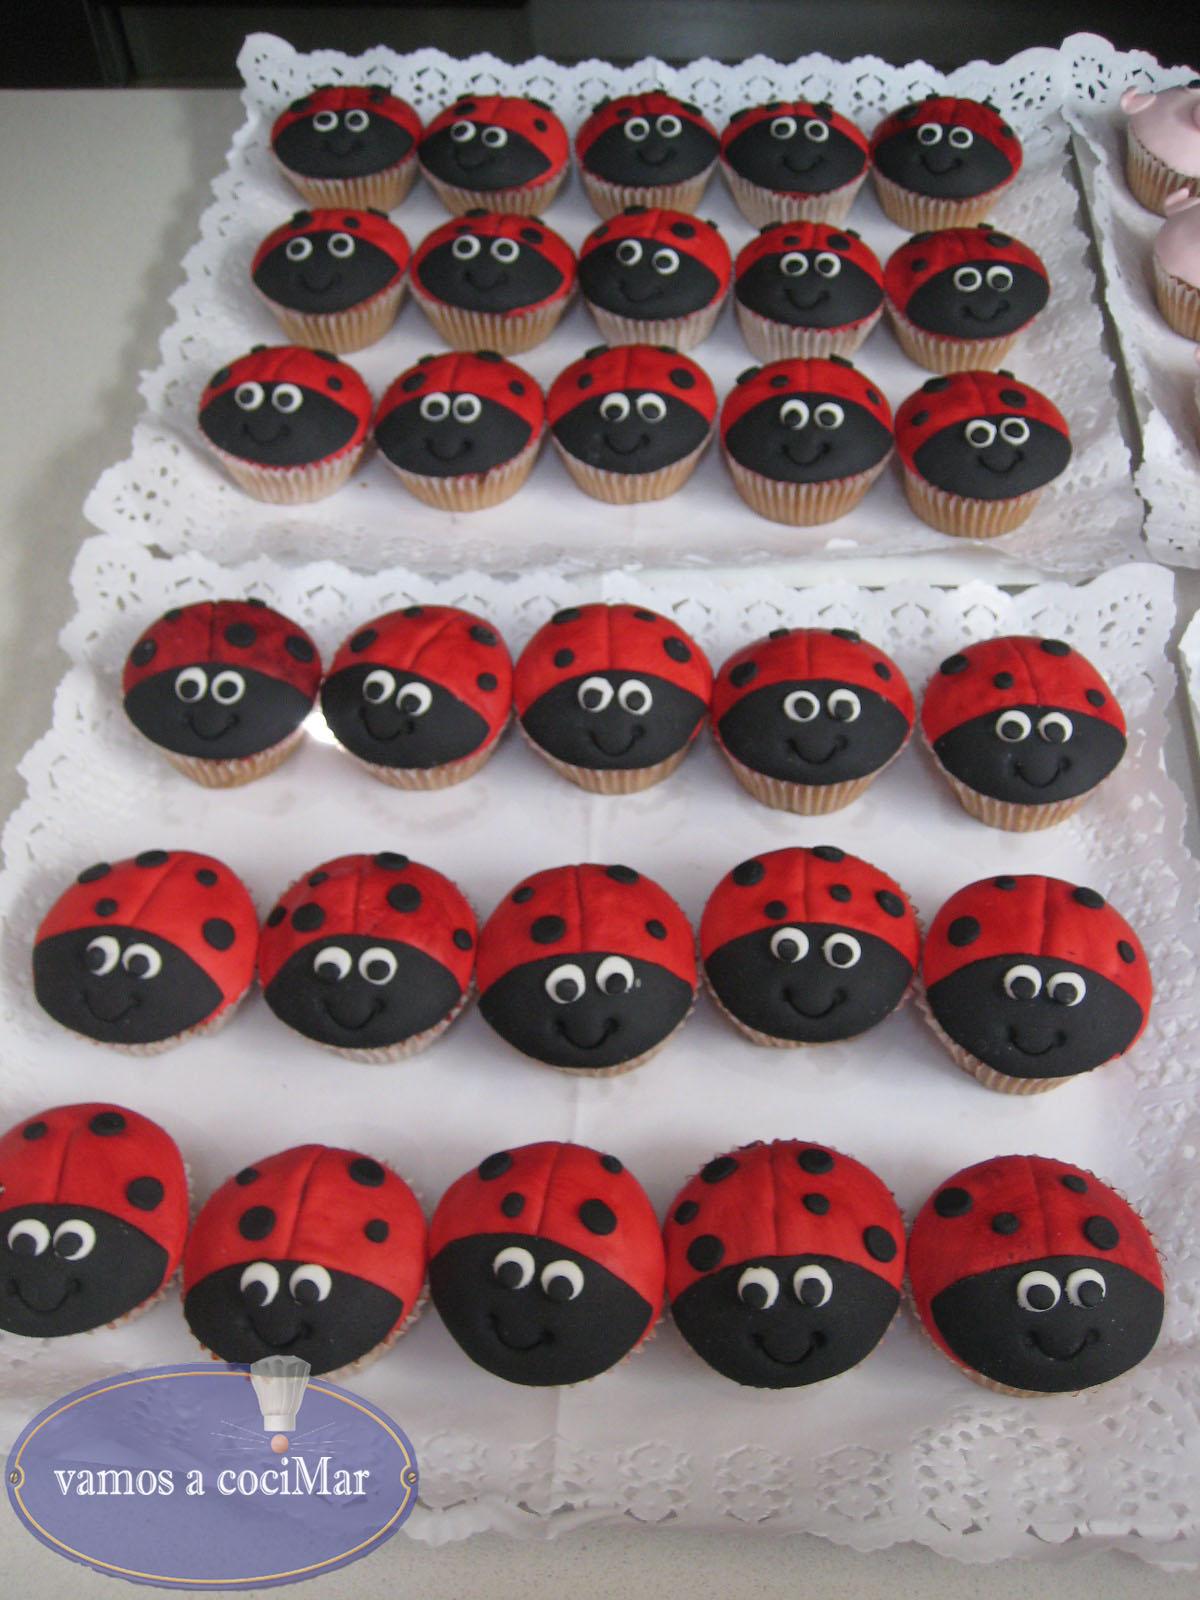 Cupcakes mariquitas y cerditos | Vamos a Cocimar